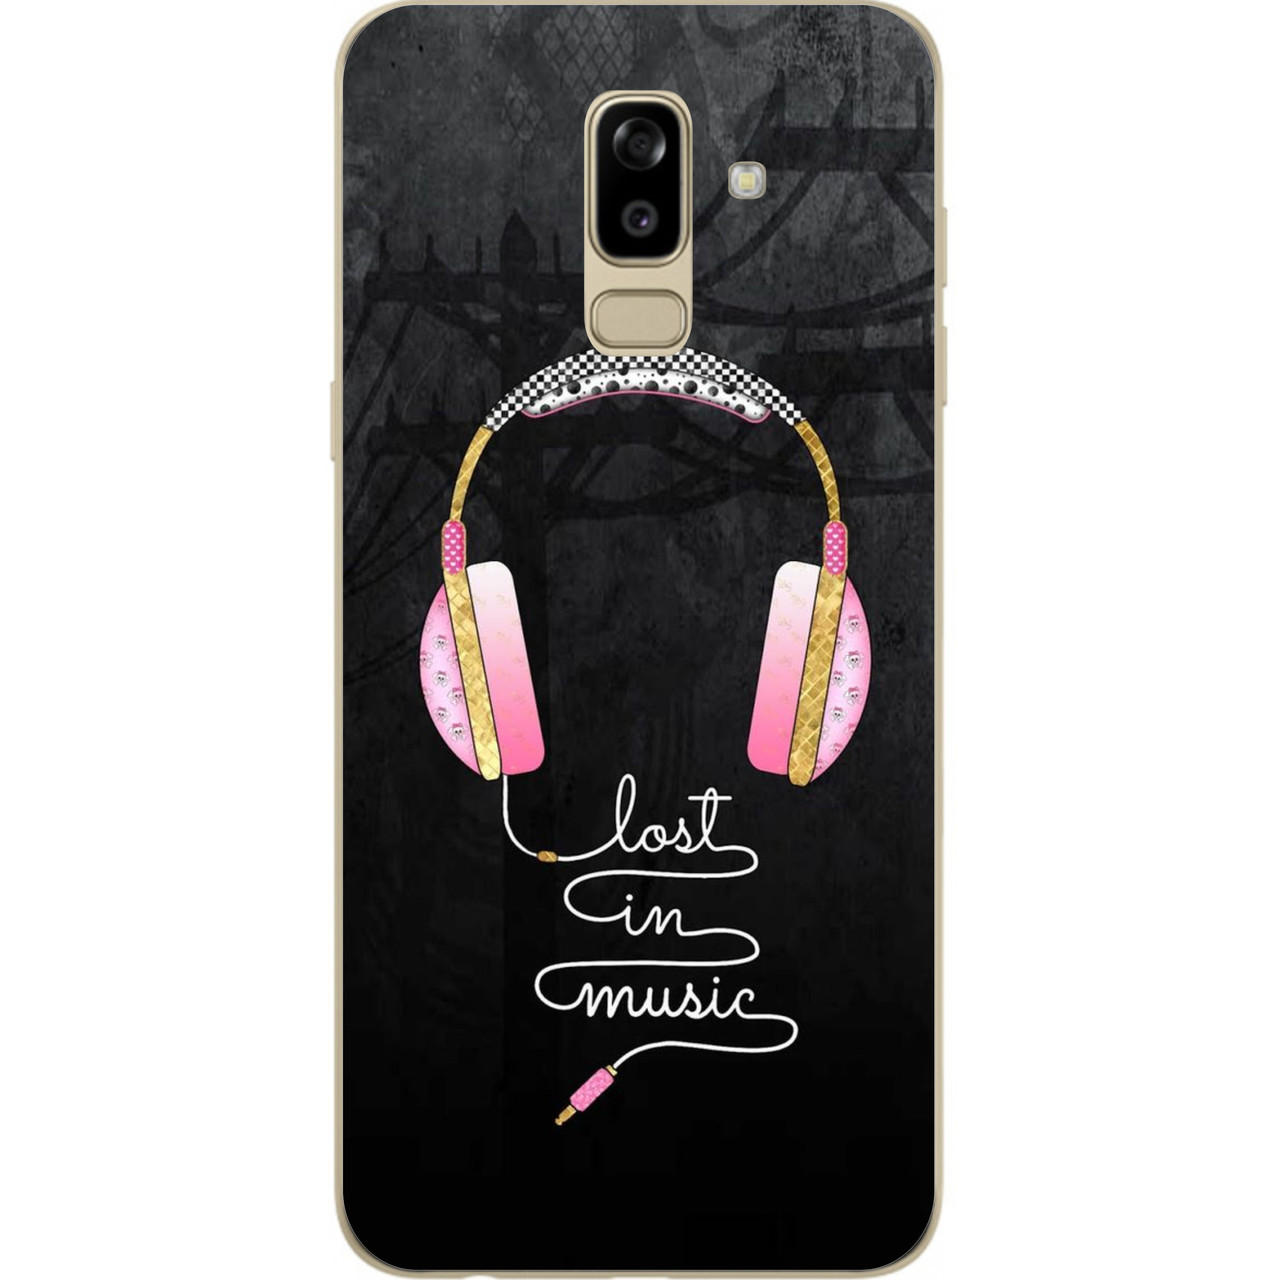 Силіконовий чохол бампер для Samsung J810F Galaxy J8 2018 з картинкою Рожеві навушники